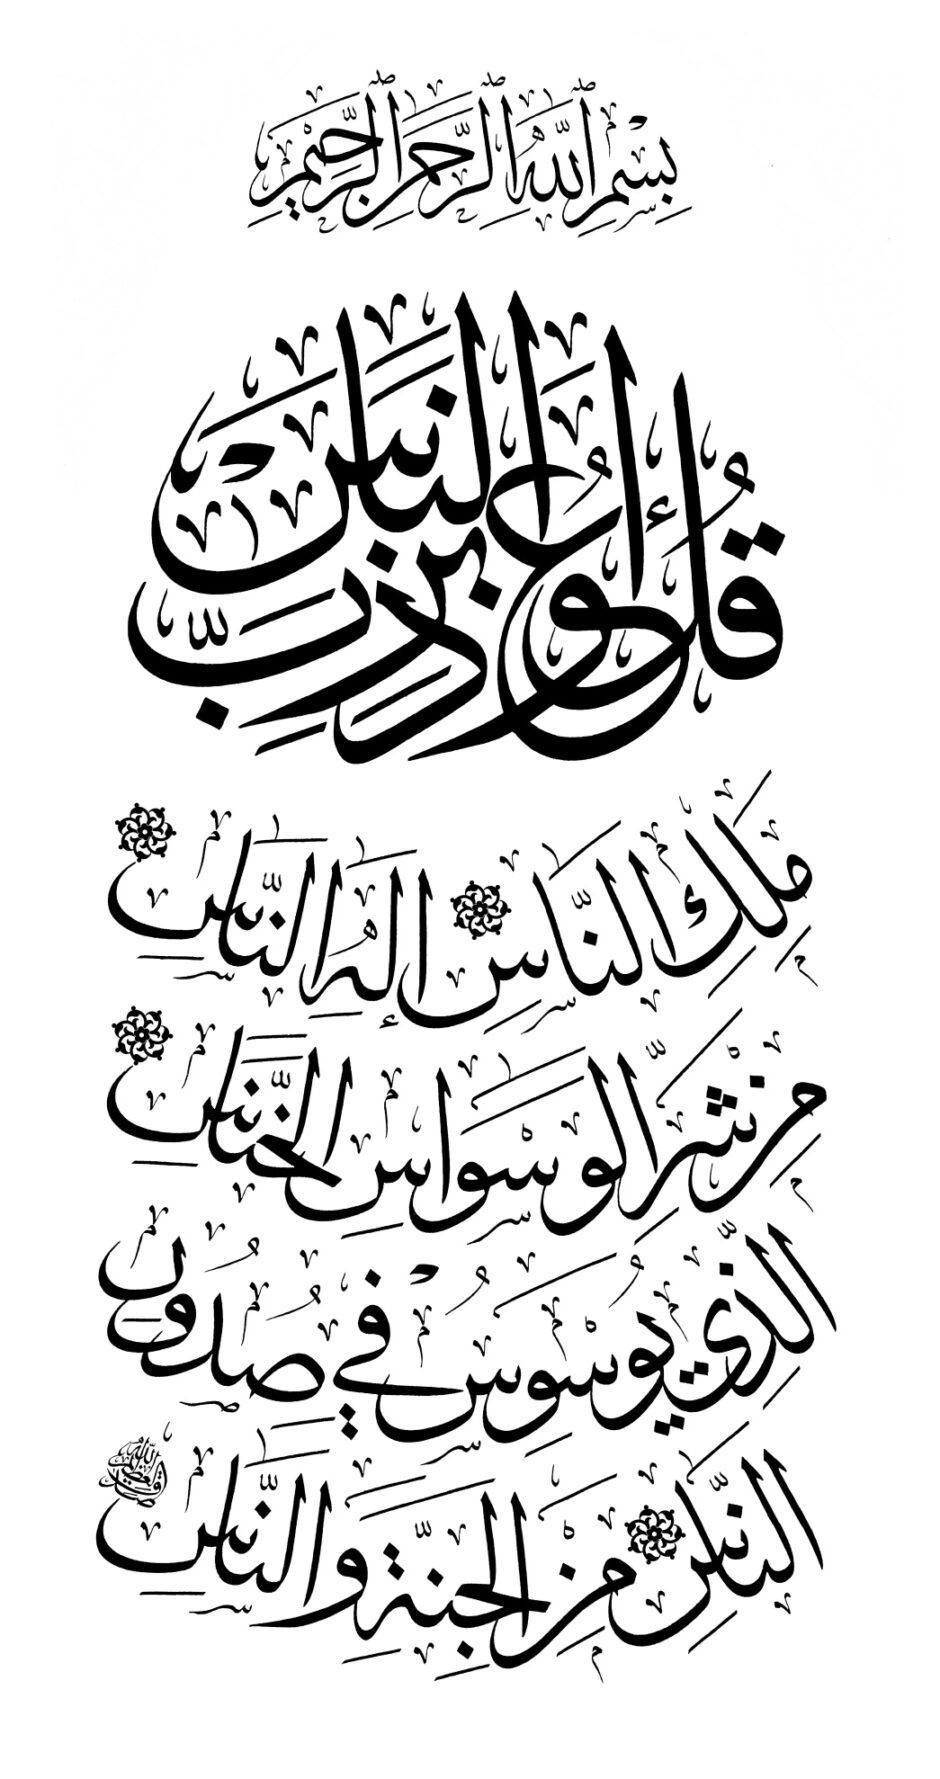 الخطوط الإسلامية مجانا سورة الناس أبيض